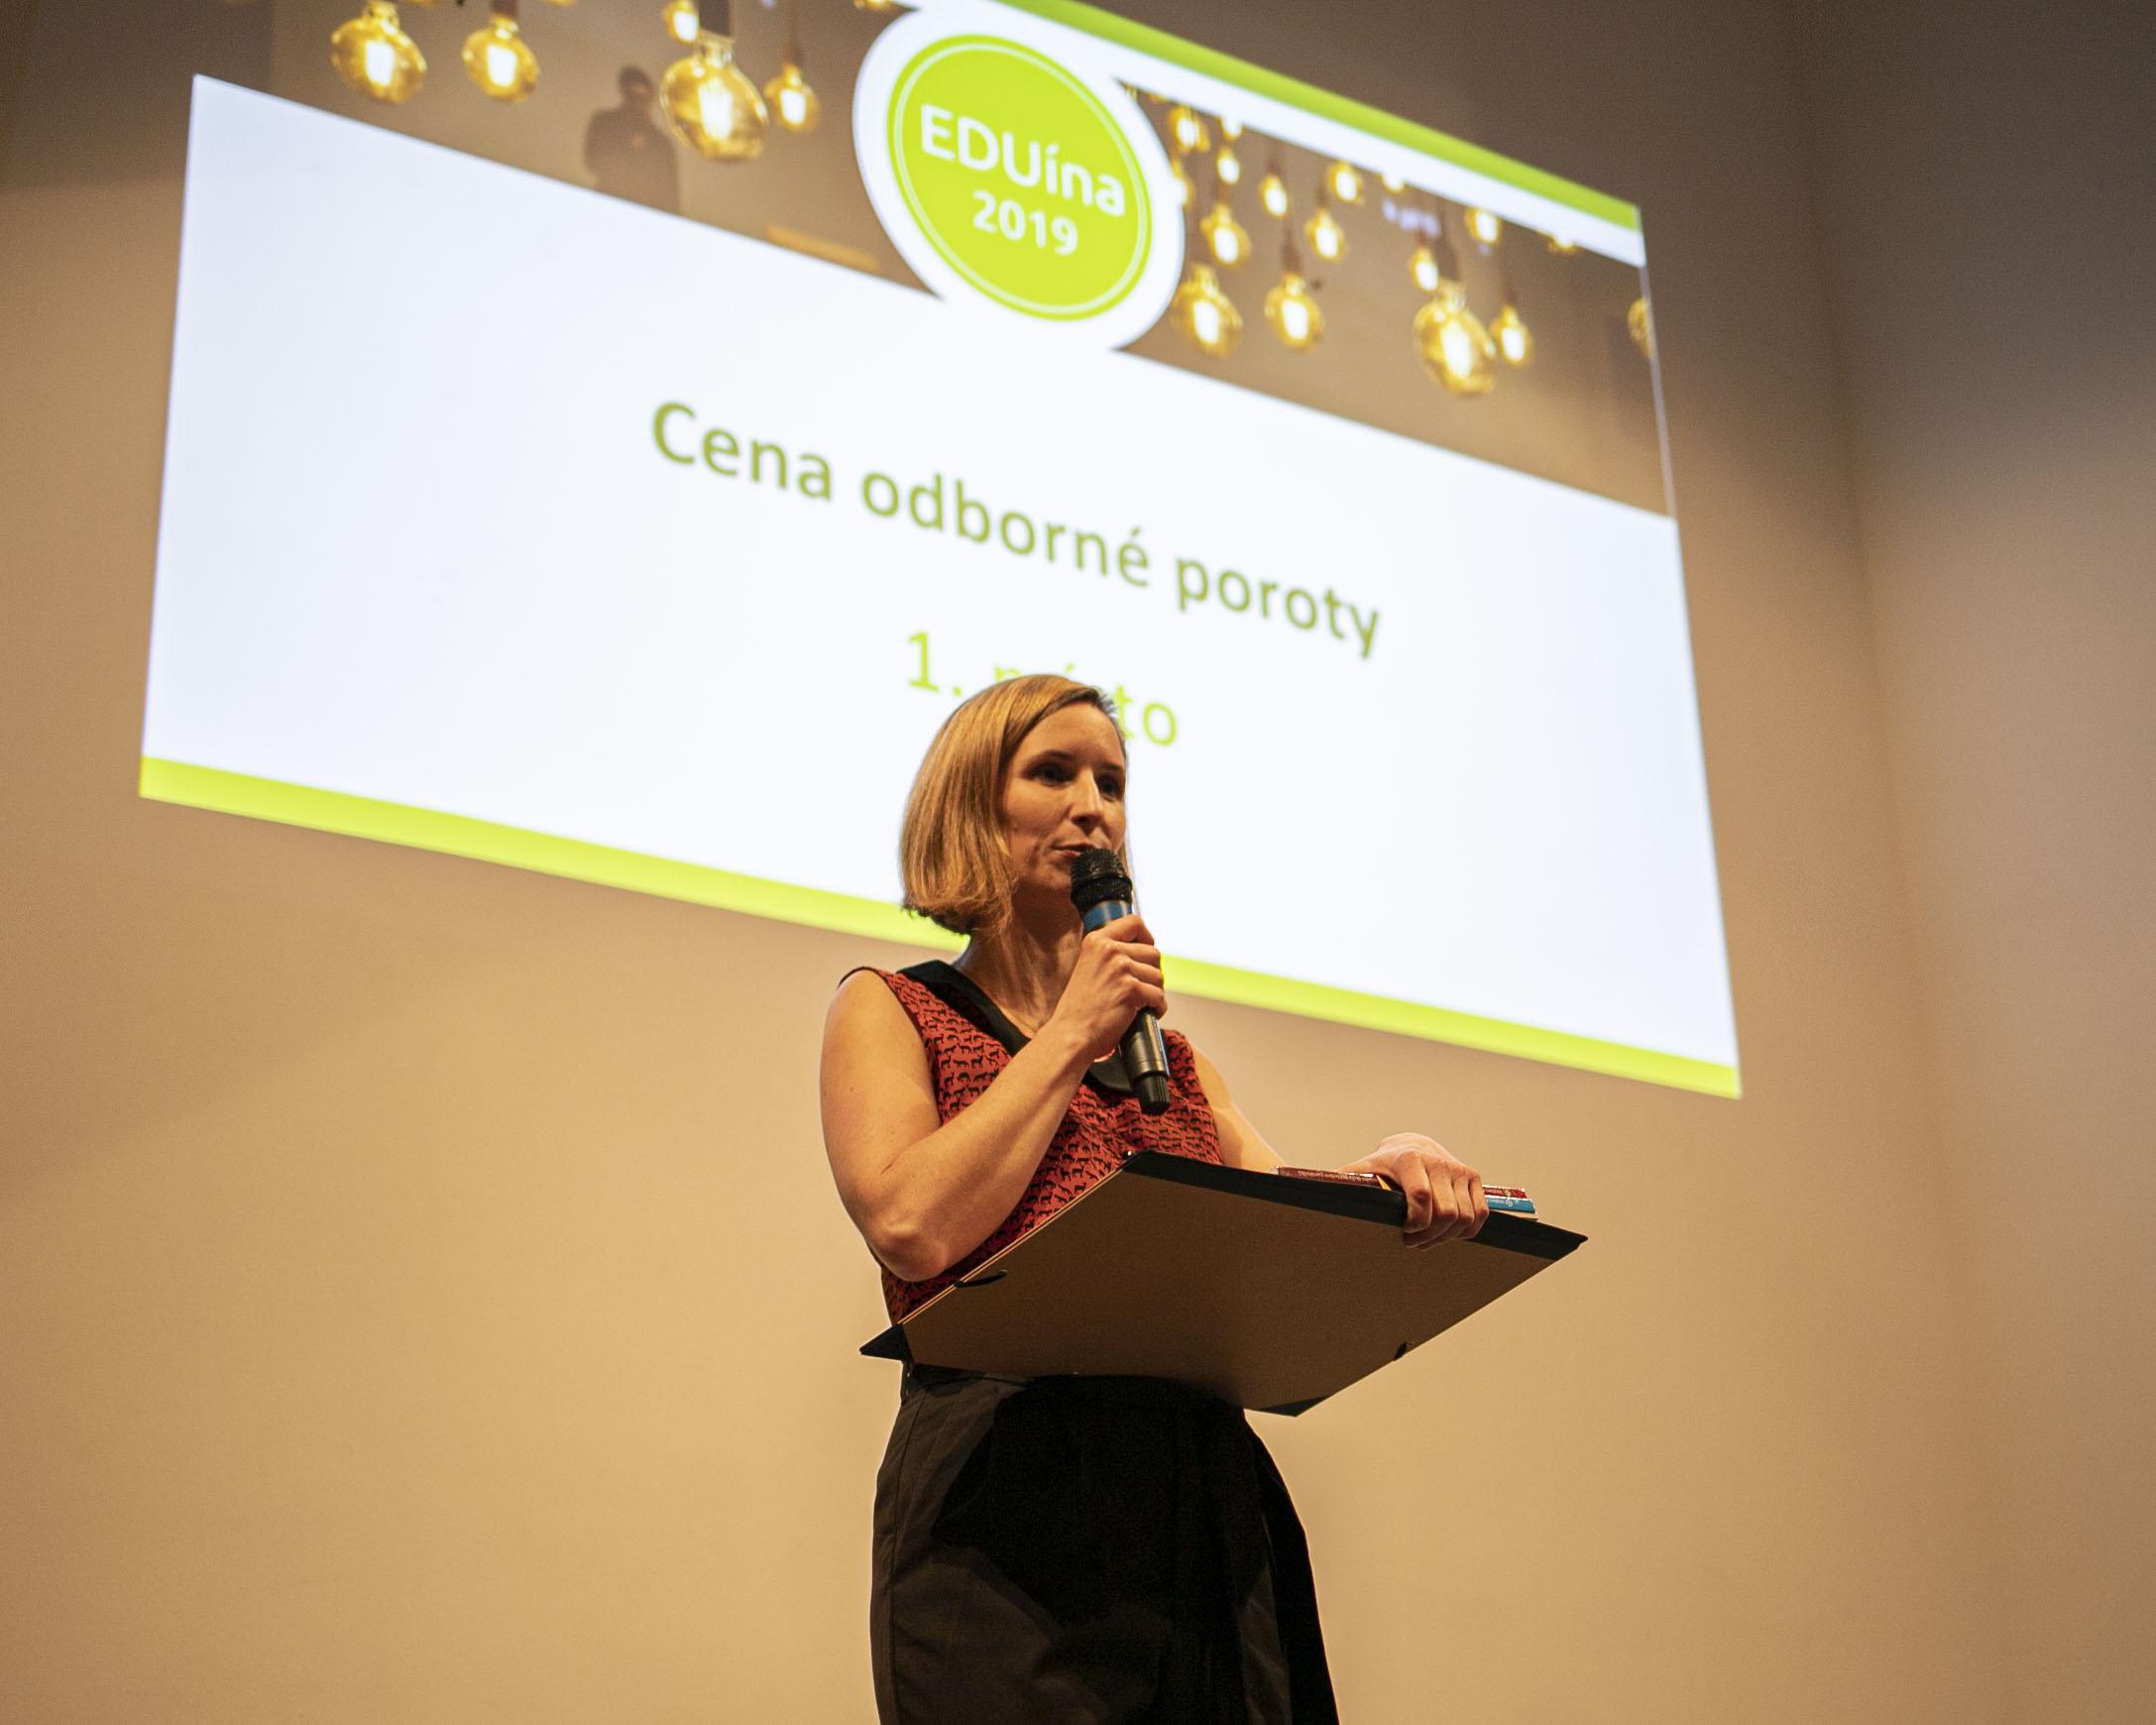 Veronika Endrštová přebírá cenu Eduína za inovace ve vzdělávání. Foto: Kateřina Lánská